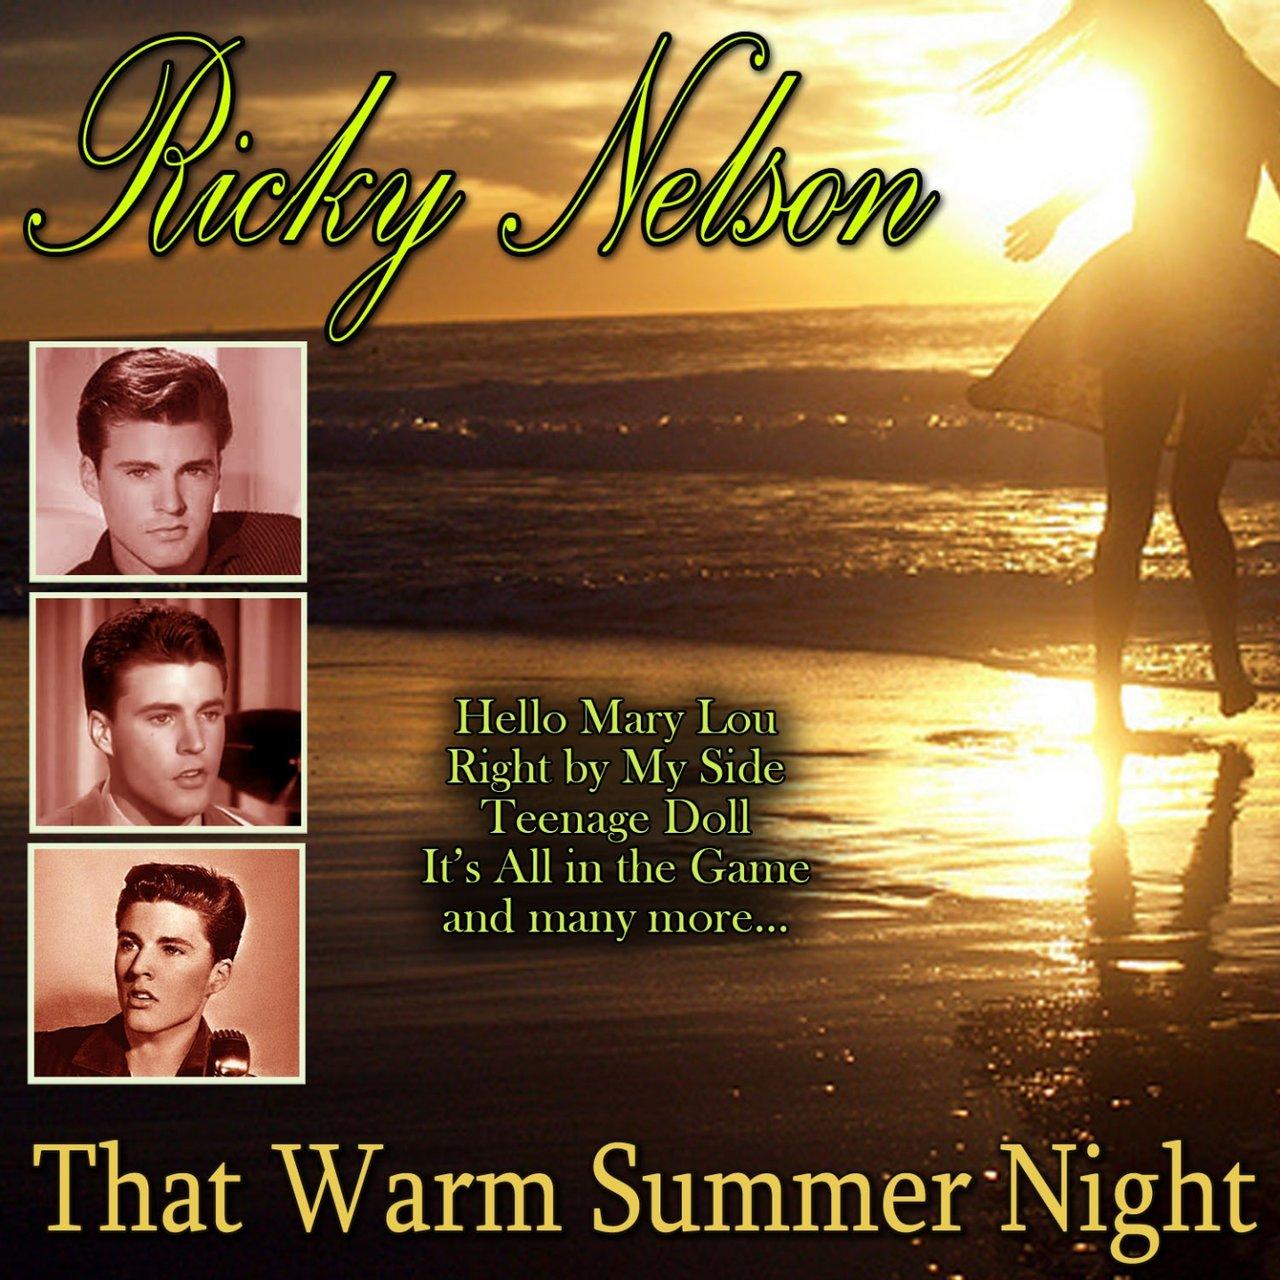 TIDAL: Listen to Ricky Nelson on TIDAL